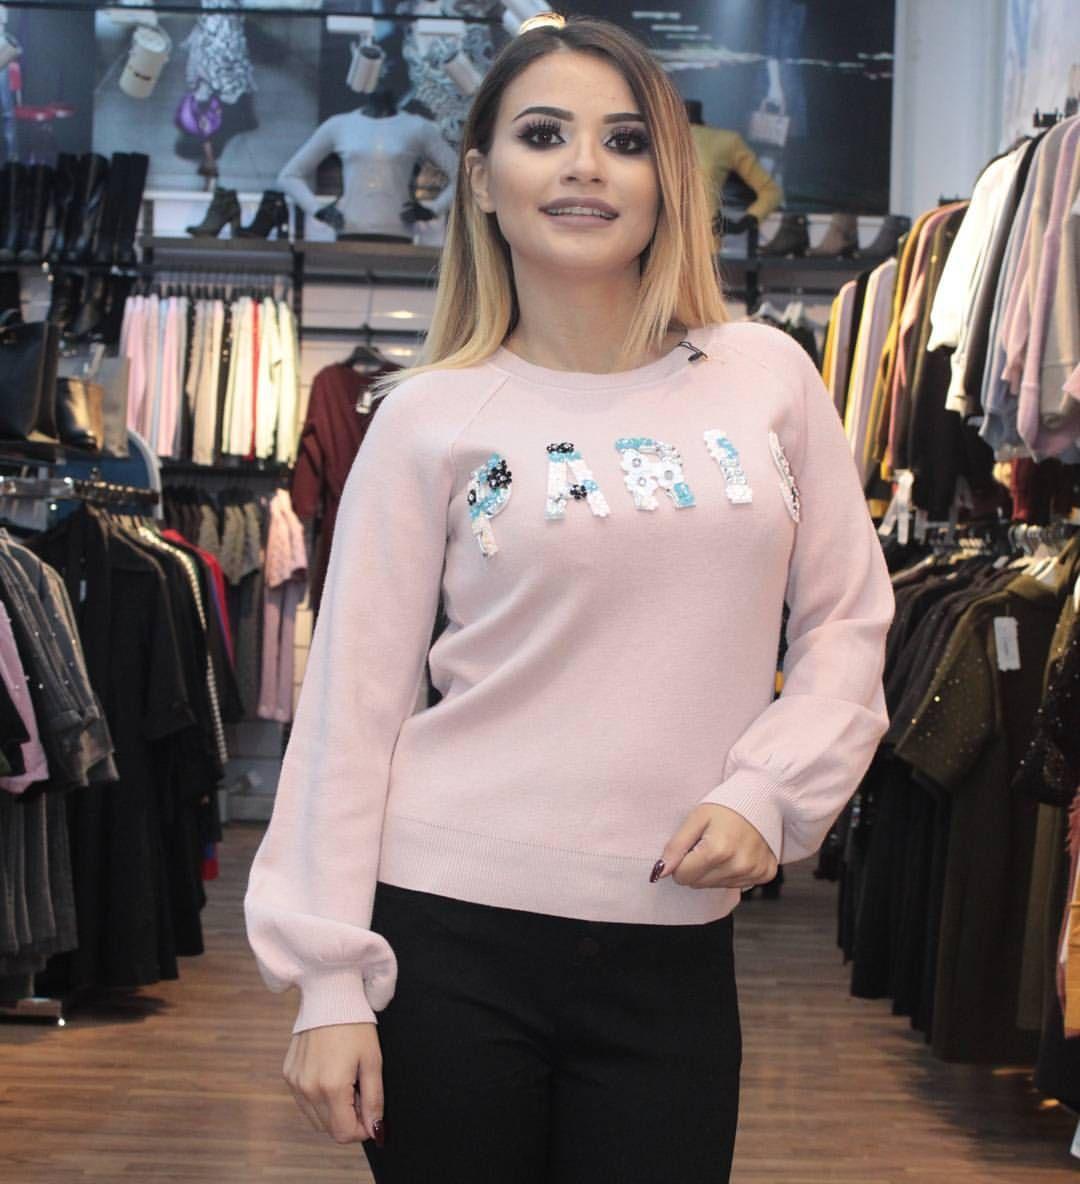 Kofta 27azn Unvan Xalqlar Dostlugu Lacin Ticaret Merkezi 2ci Mertebenin Sonu Catdirilma Xidmeti Suallarinizi Fashion Graphic Sweatshirt Sweaters